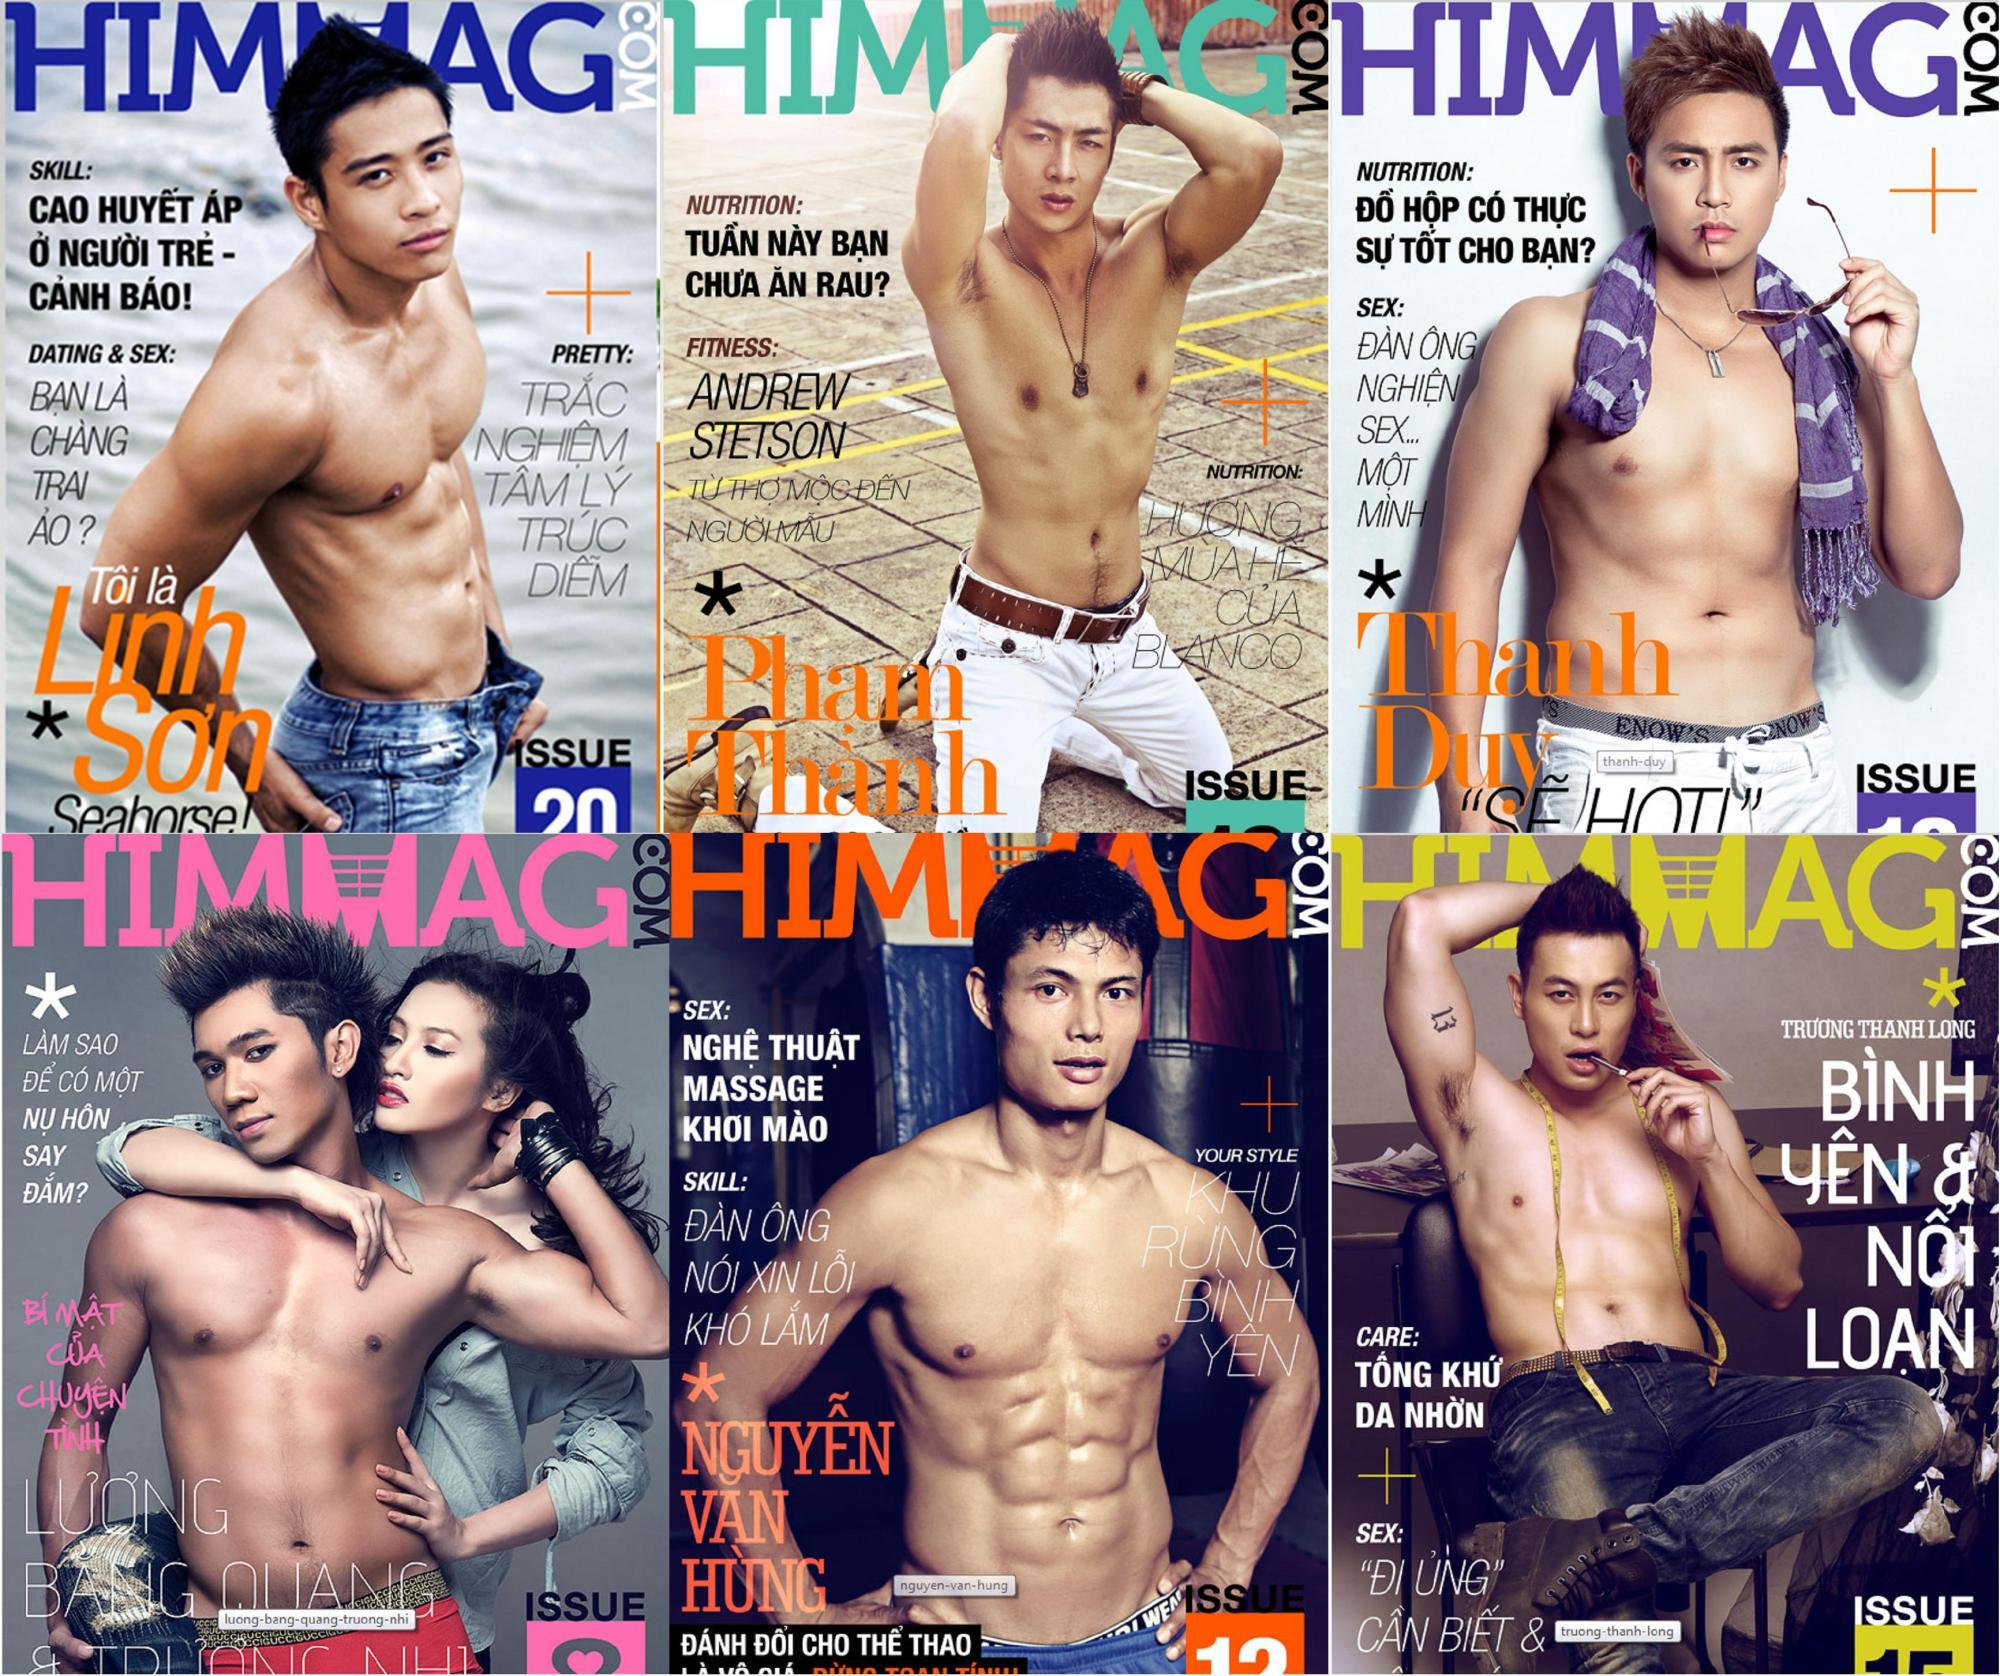 Himmag cover - ảnh chụp màn hình